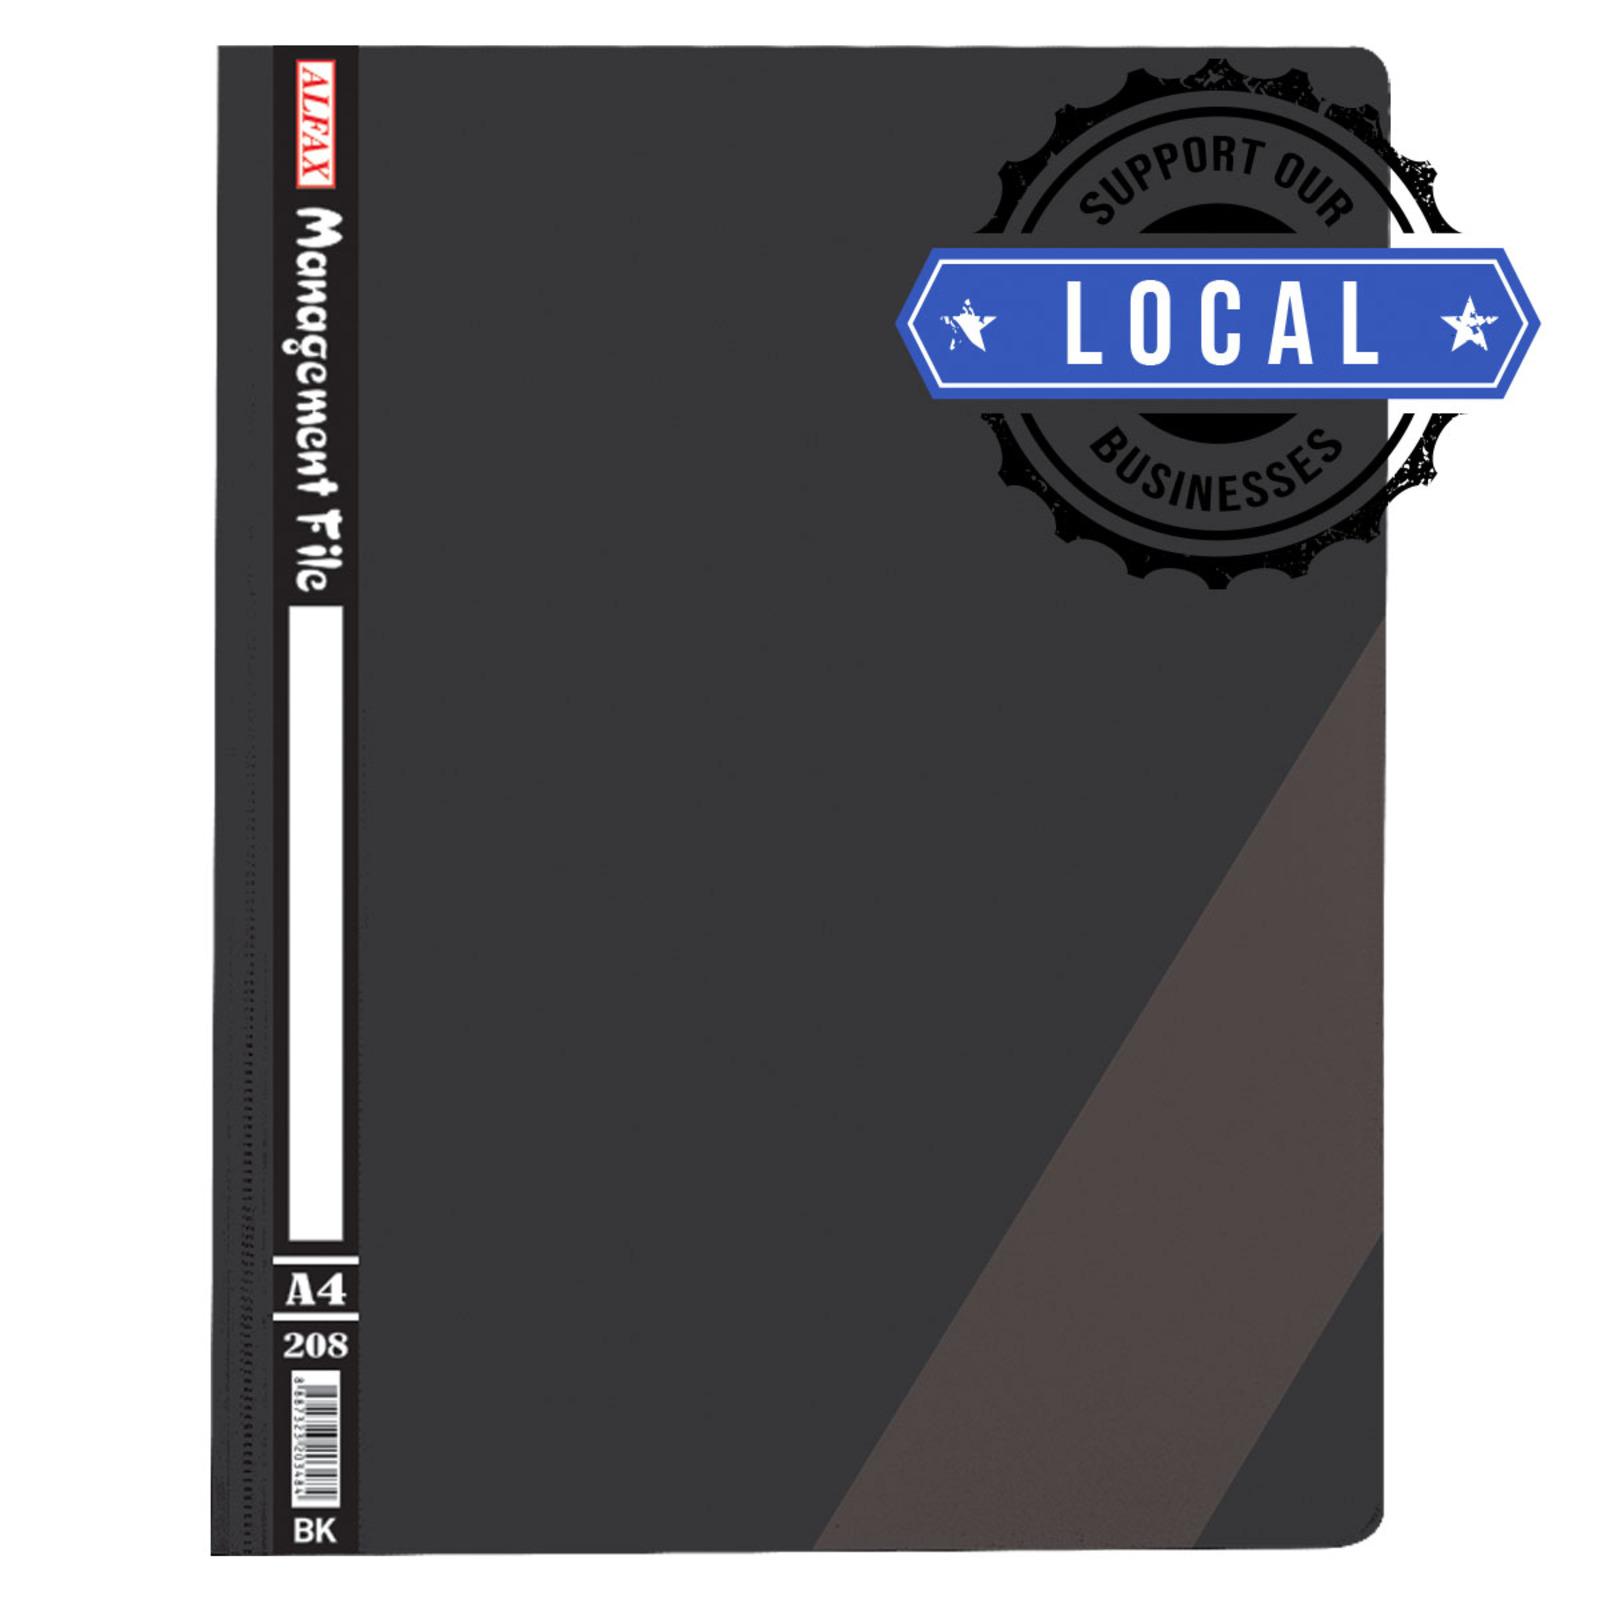 ALFAX 208 Management File A4 Black